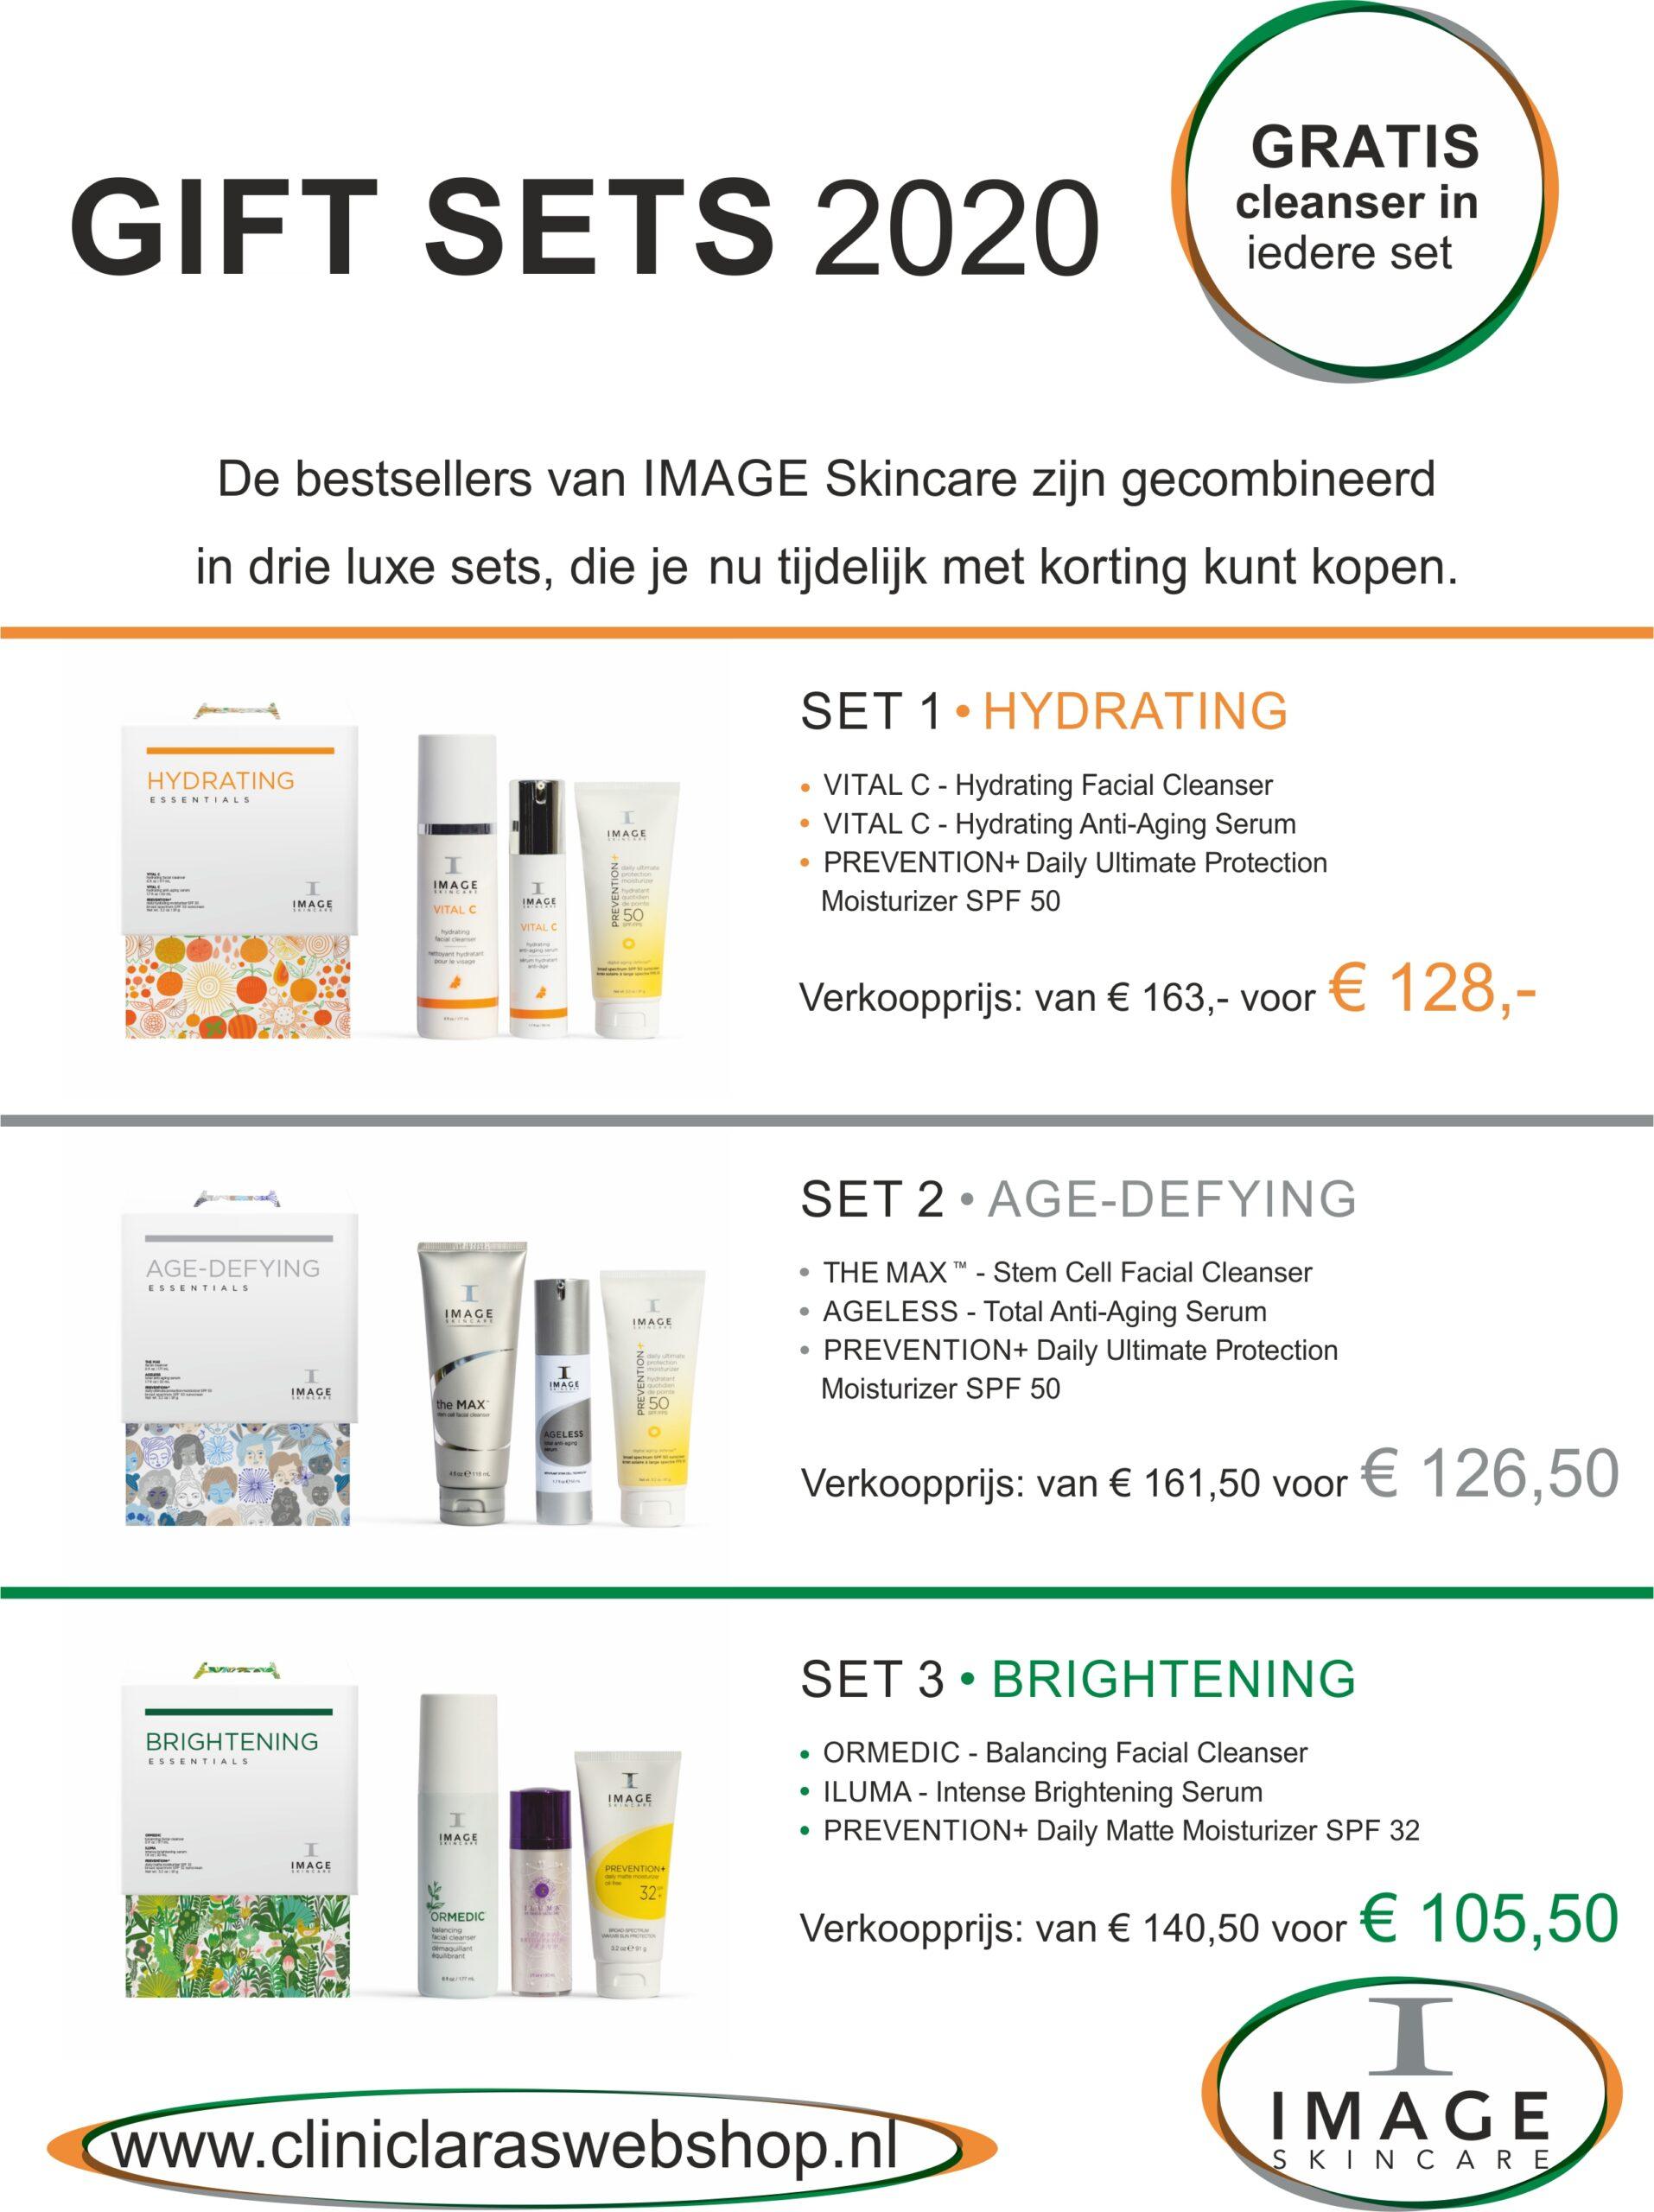 Image Skincare Giftsets 2020